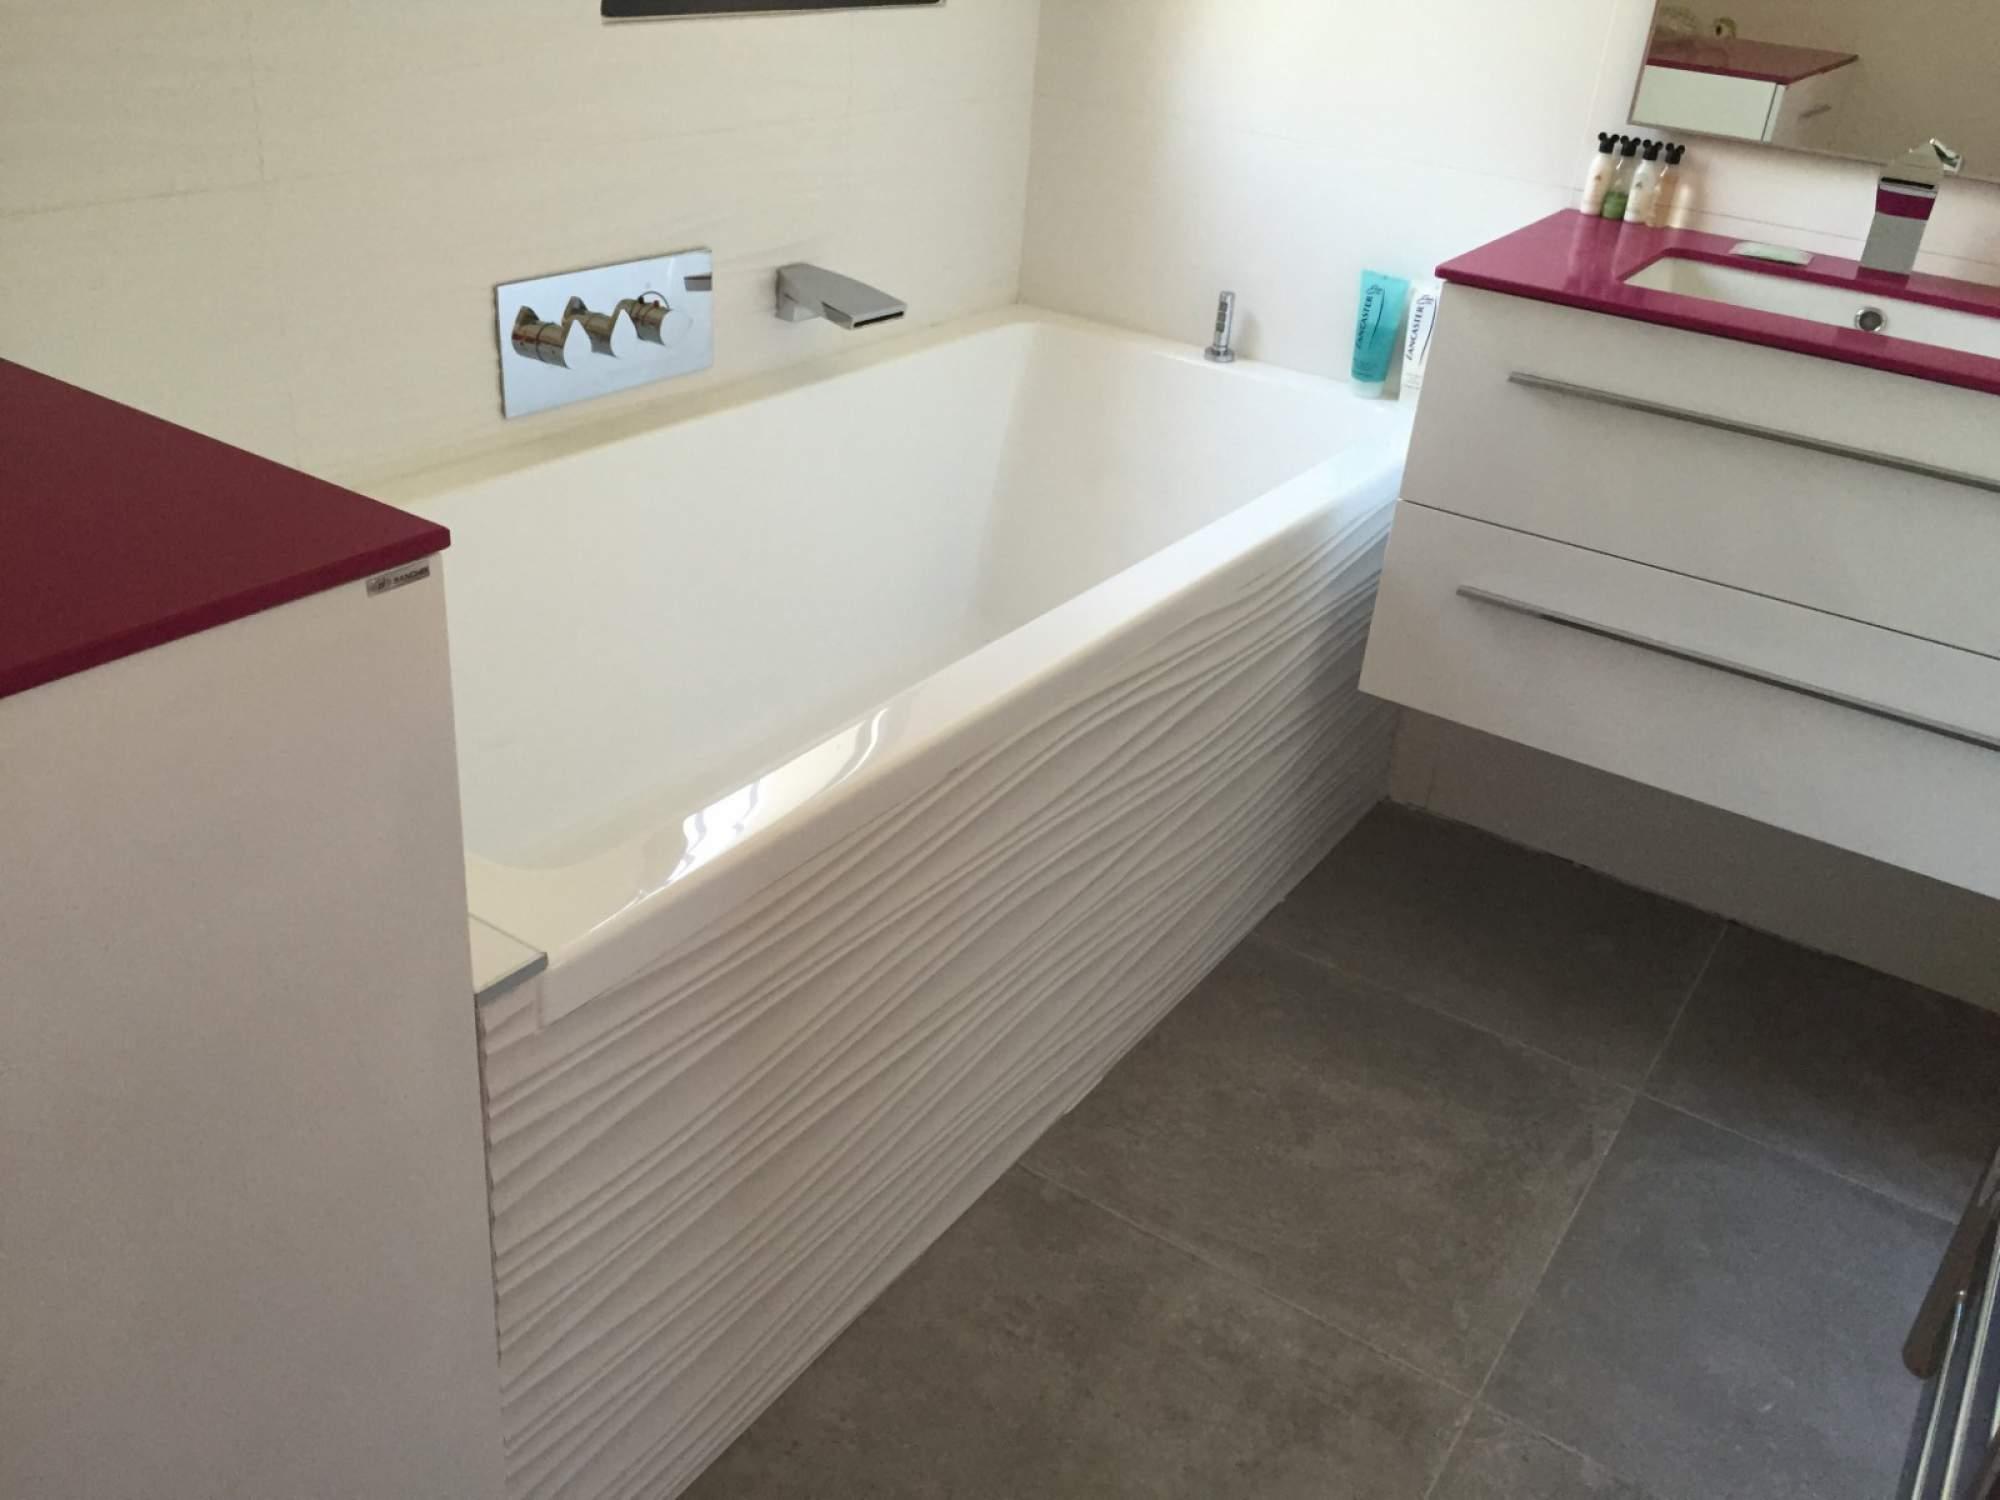 salle de bains baignoire rose blanche sur les pennes mirabeau - Salle De Bain Baignoire Rose